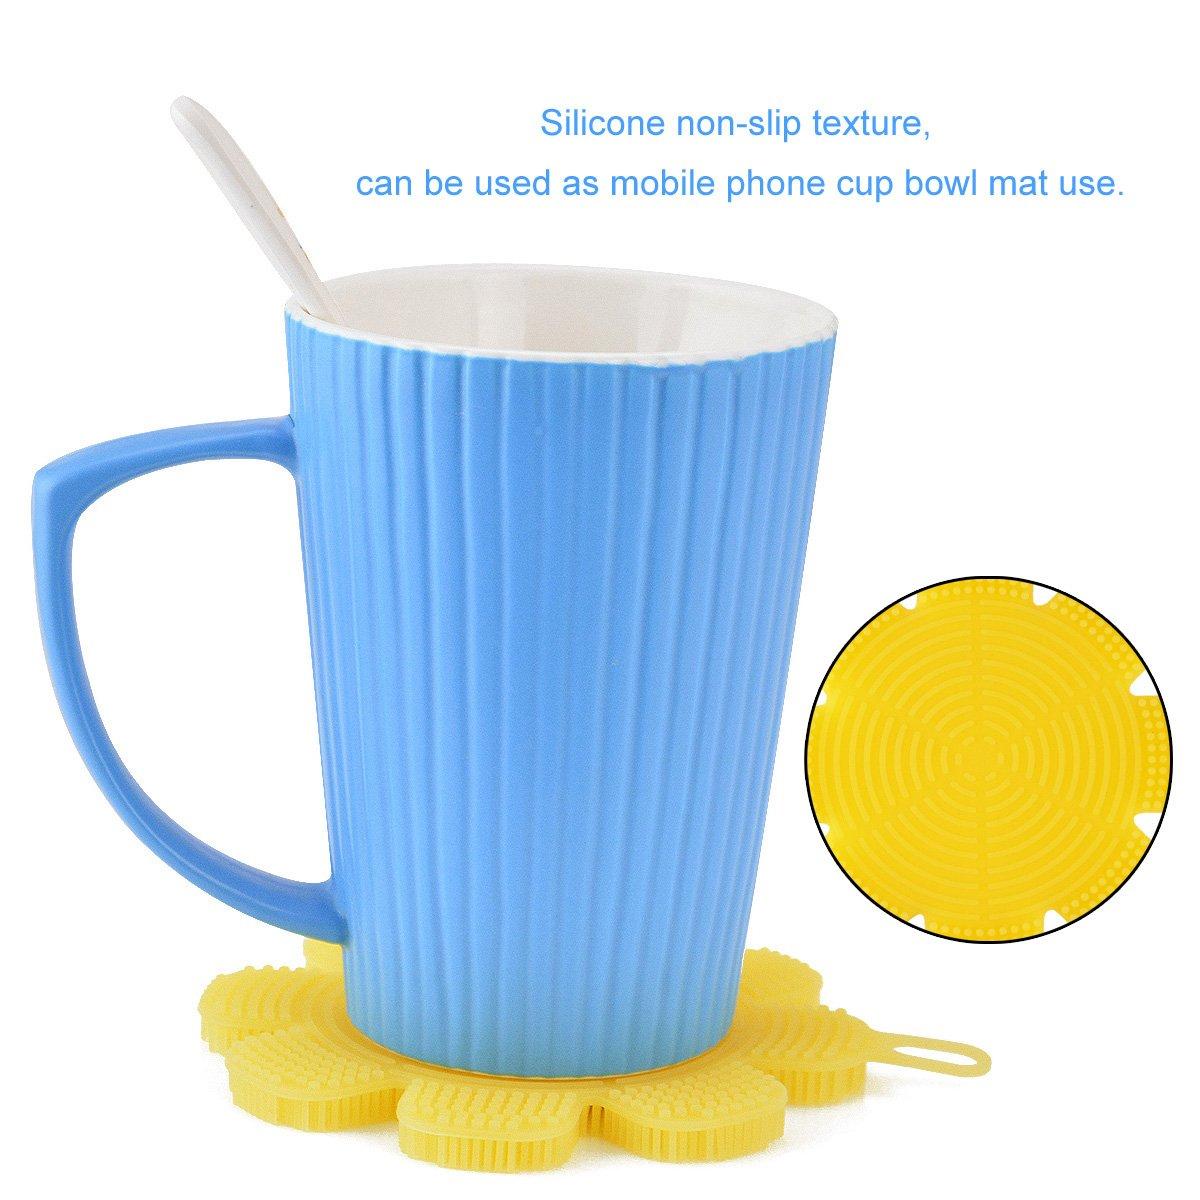 Éponge Silicone Brosse Anti-bactérienne Non Stick Brosse Éponge de Cuisine Nettoyeur de Légumes aux Fruits pour Cuisine Vaisselle à laver Nettoyage